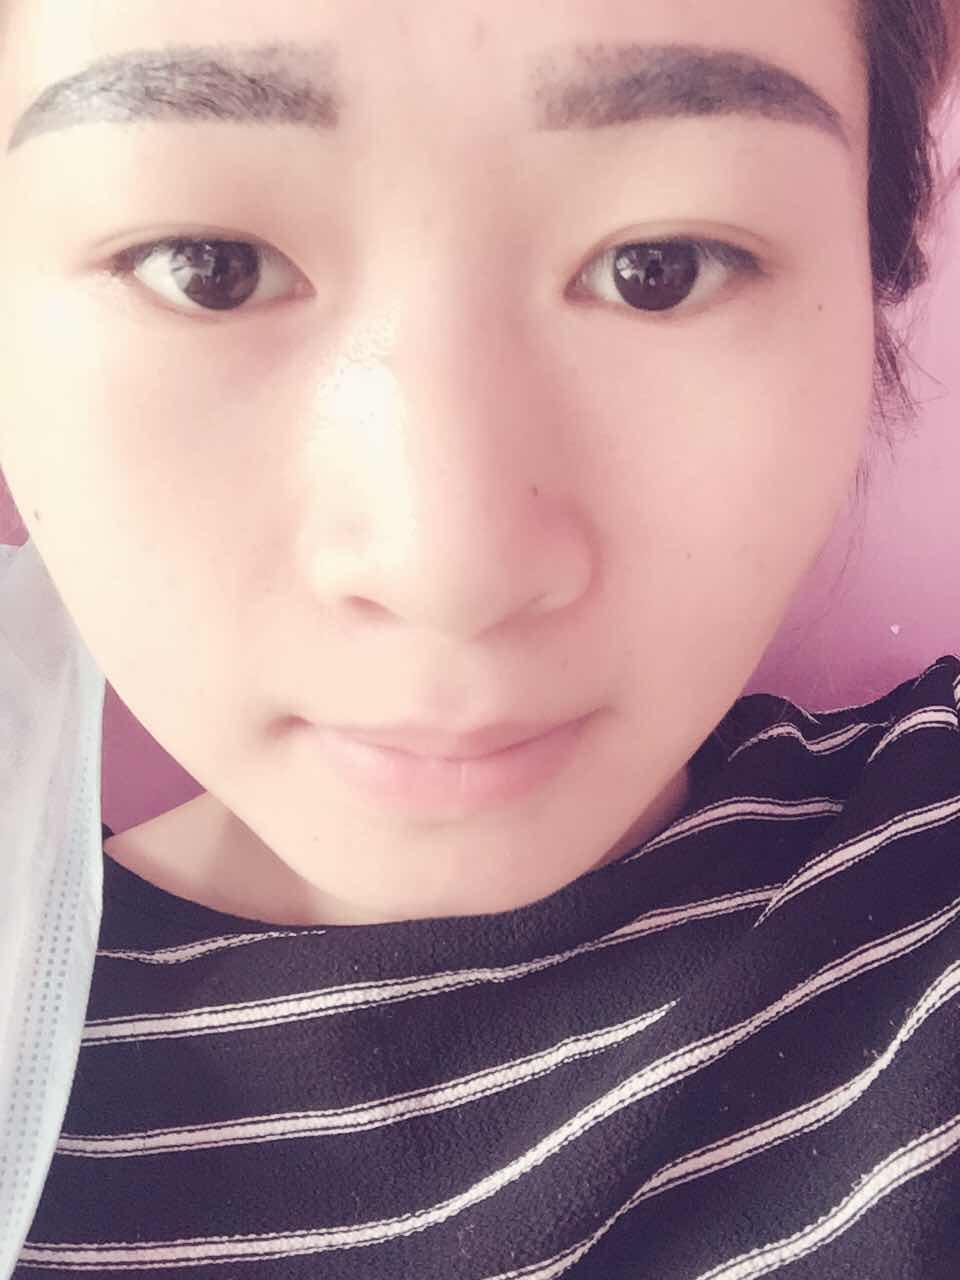 韩式综合美鼻怎么样,亲们给点建议……我那些地方要整的^_^